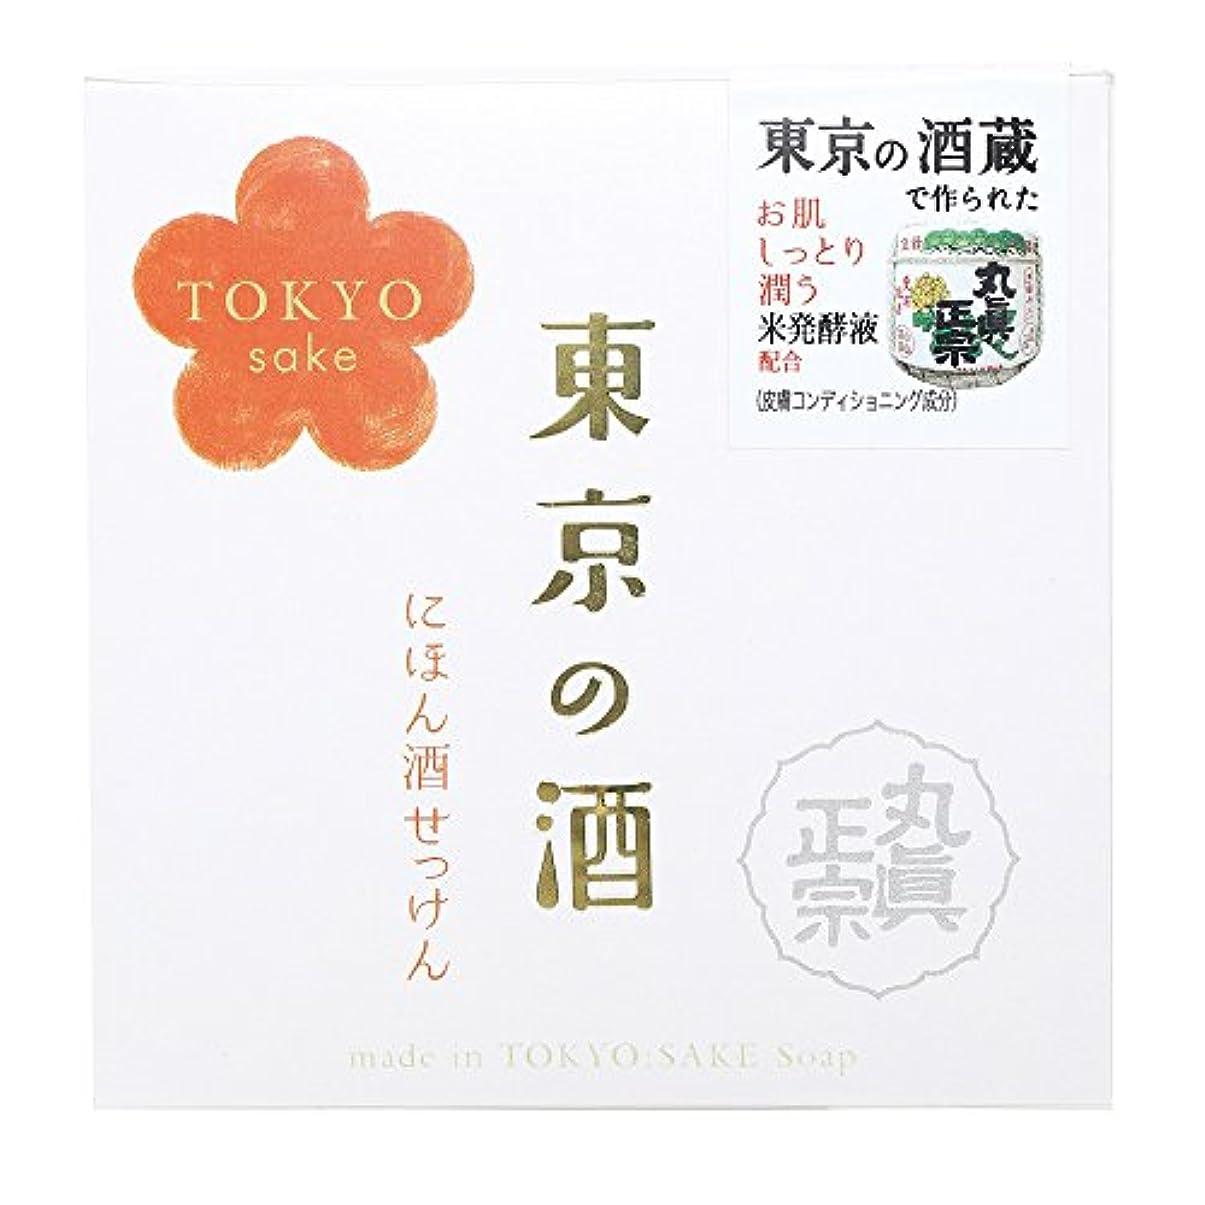 動作リスナー製作ノルコーポレーション 東京の酒 石けん OB-TKY-1-1 100g